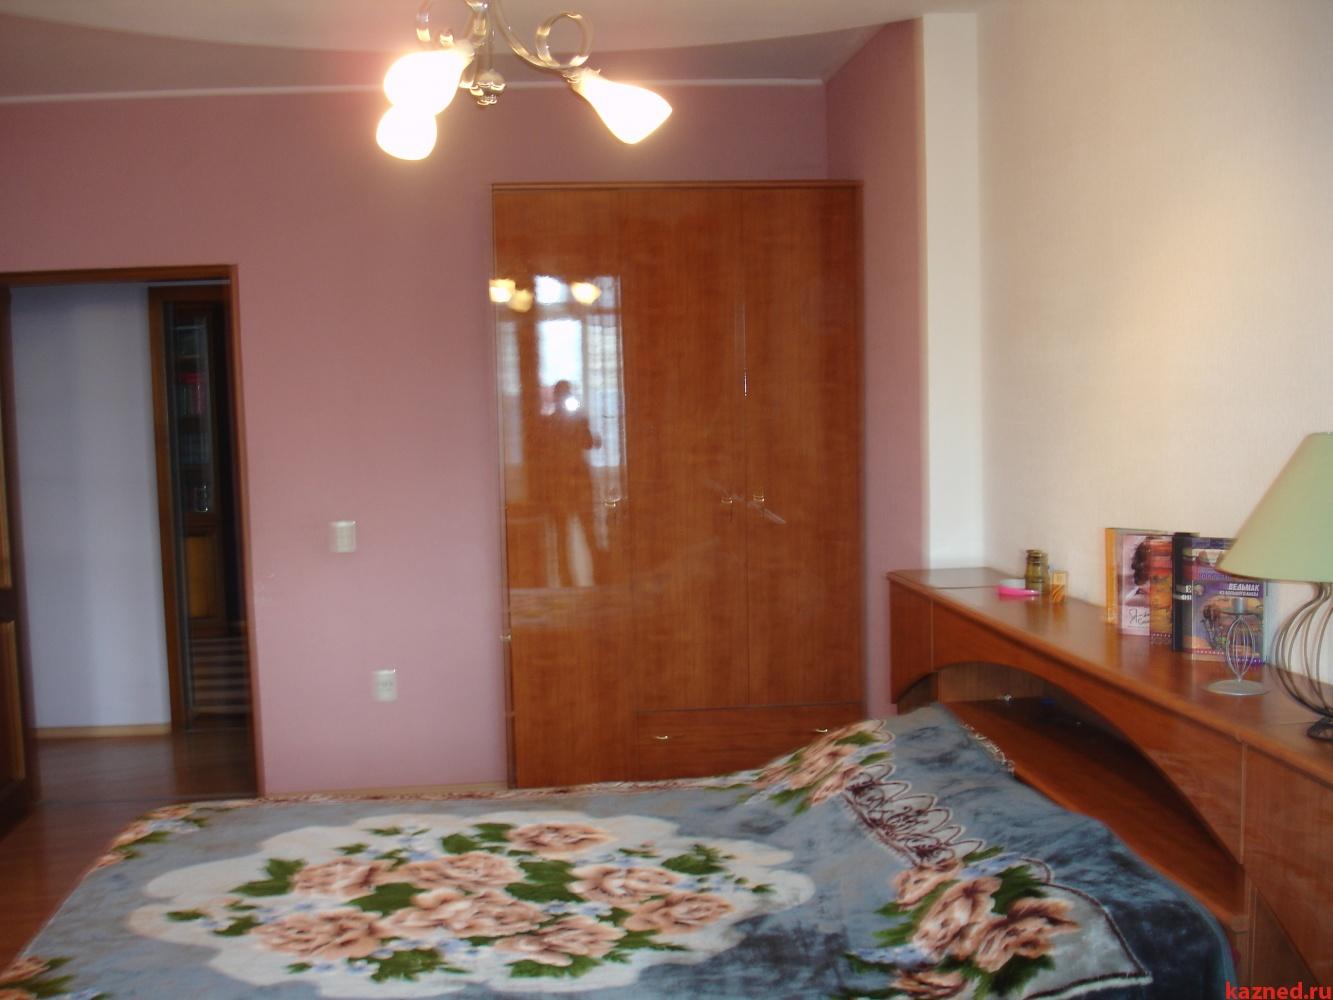 Продажа 4-к квартиры Камала,53, 144 м2  (миниатюра №3)